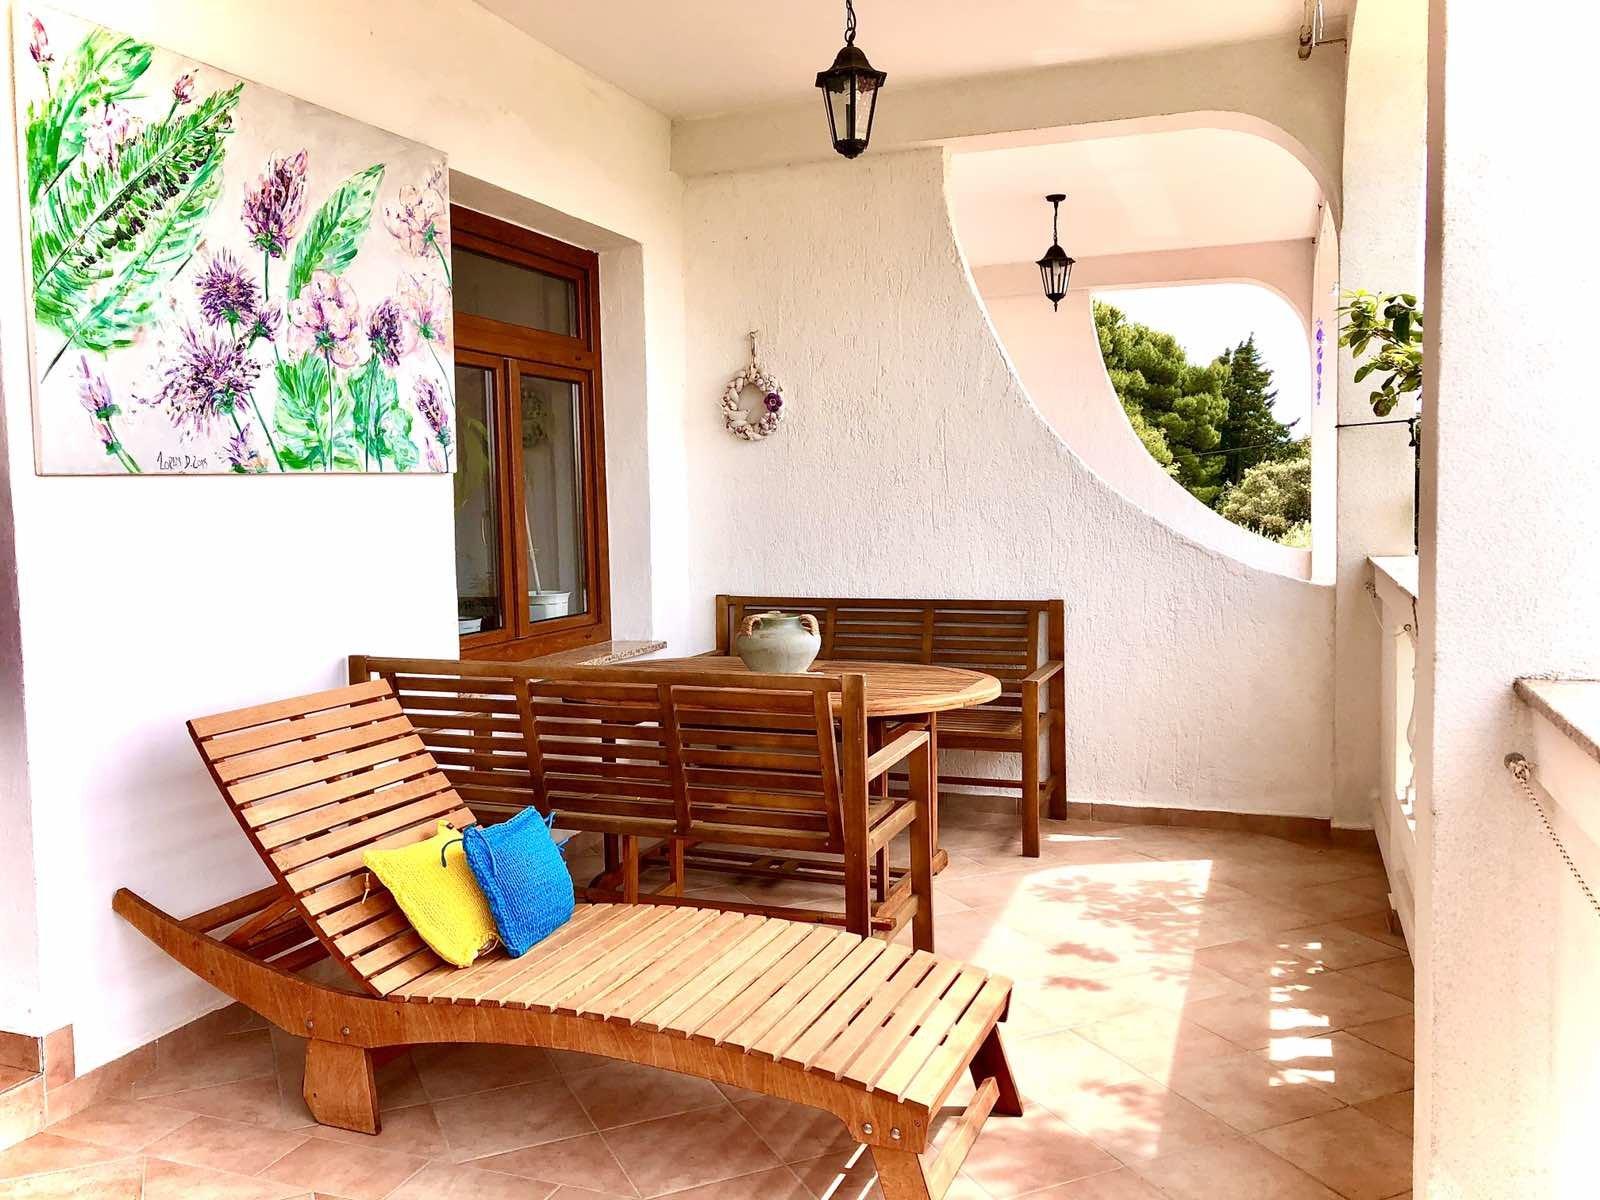 Traum-Urlaub in der Villa Lavanda